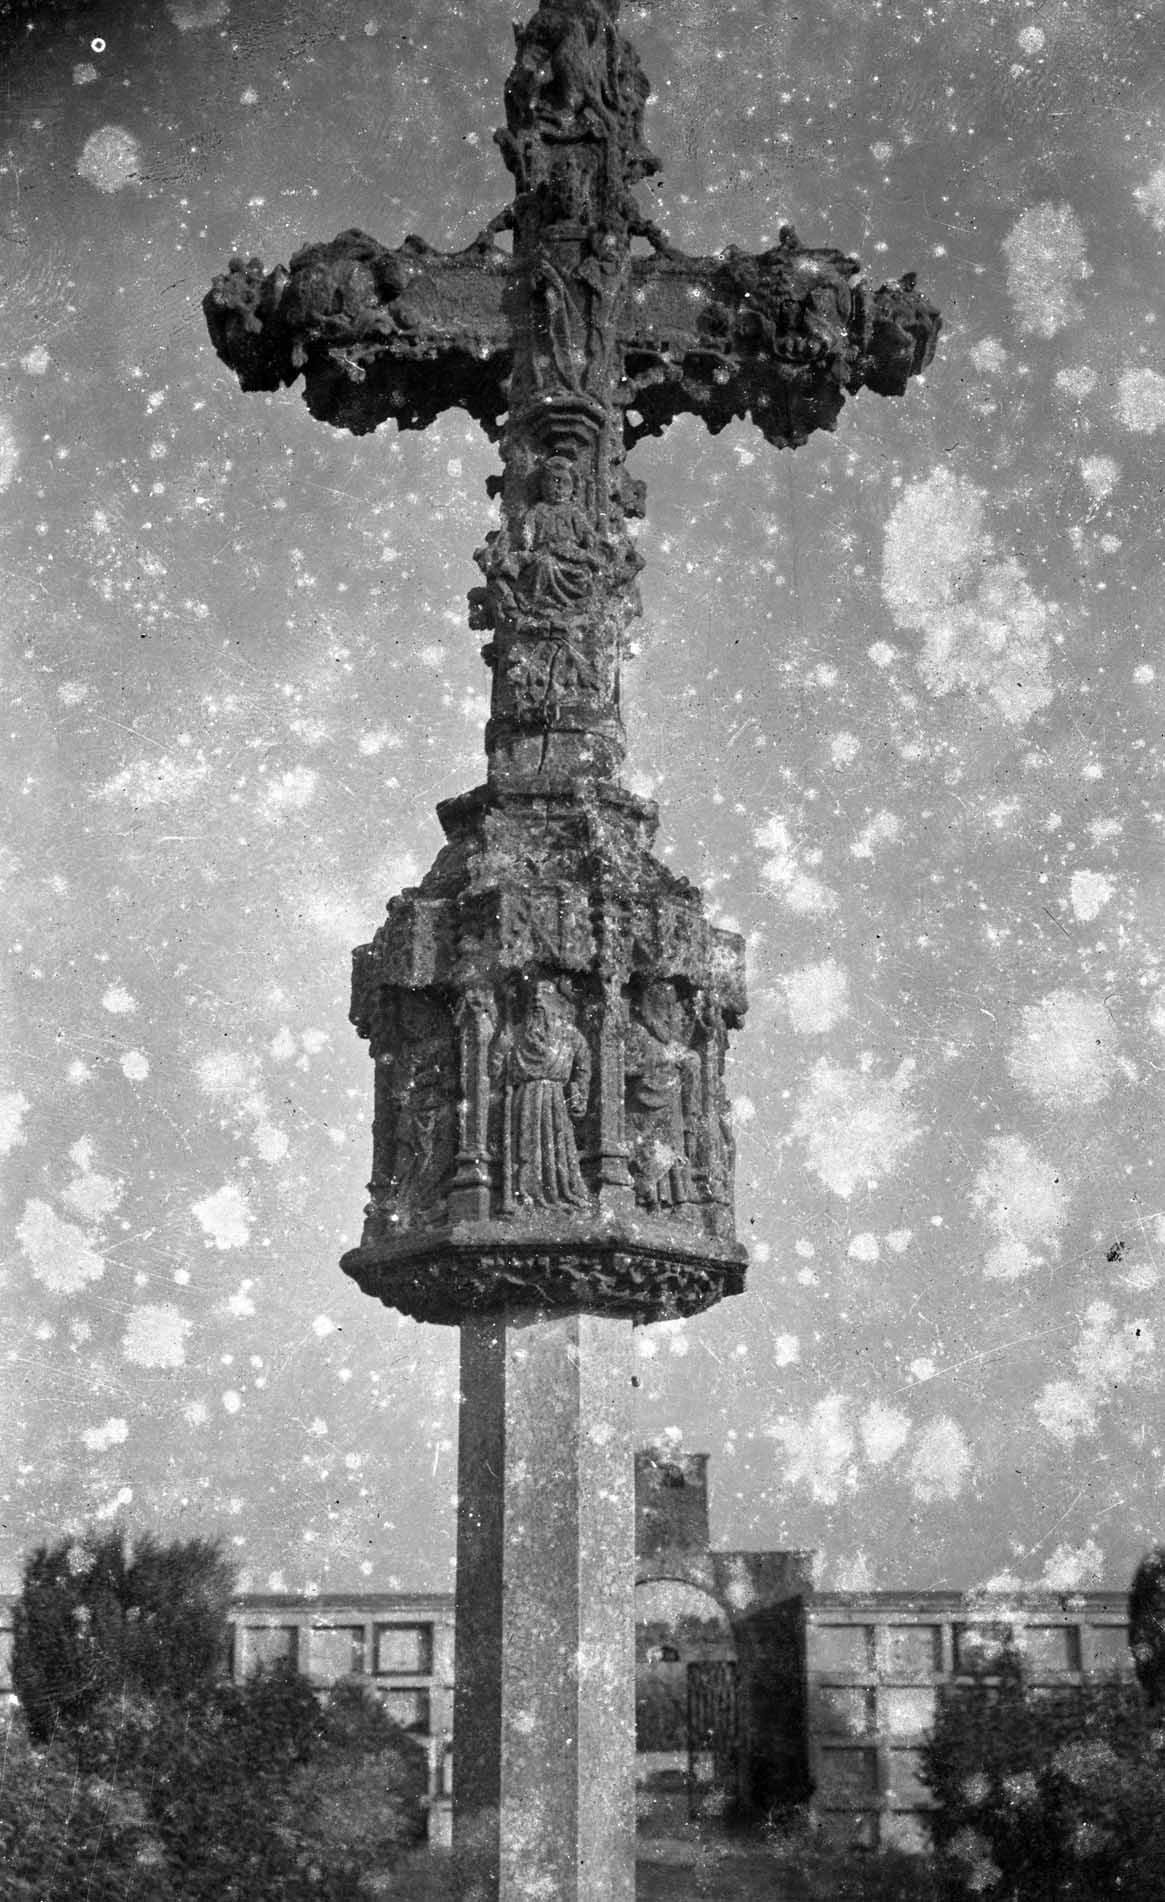 Vista de detall de la creu de terme gòtica de Castelló d'Empúries, entre els anys 1942 i 1944 (ACGAX. Fons Sadurní Brunet Pi. Autor: Sadurní Brunet)